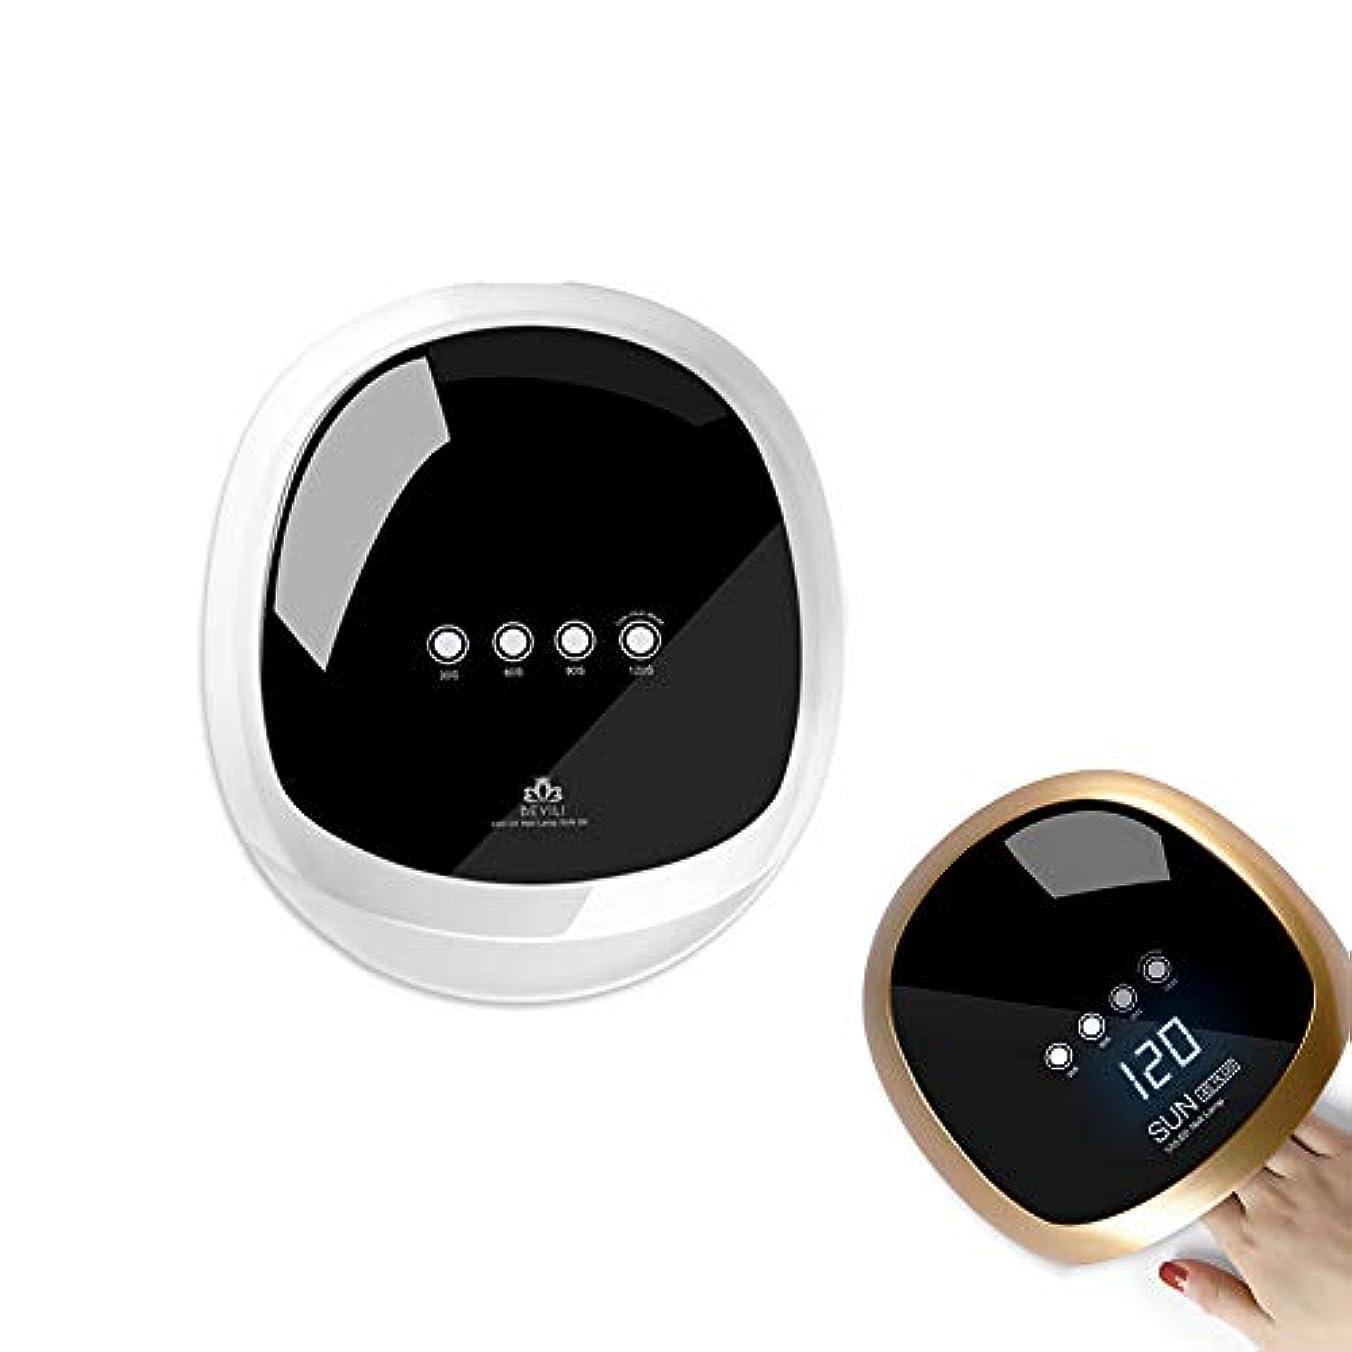 告発消費者花嫁ジェルネイル UV LED ライト ネイル ネイルドライヤー 赤外線検知 4段階タイマー設定可能 手足兼用 (White)